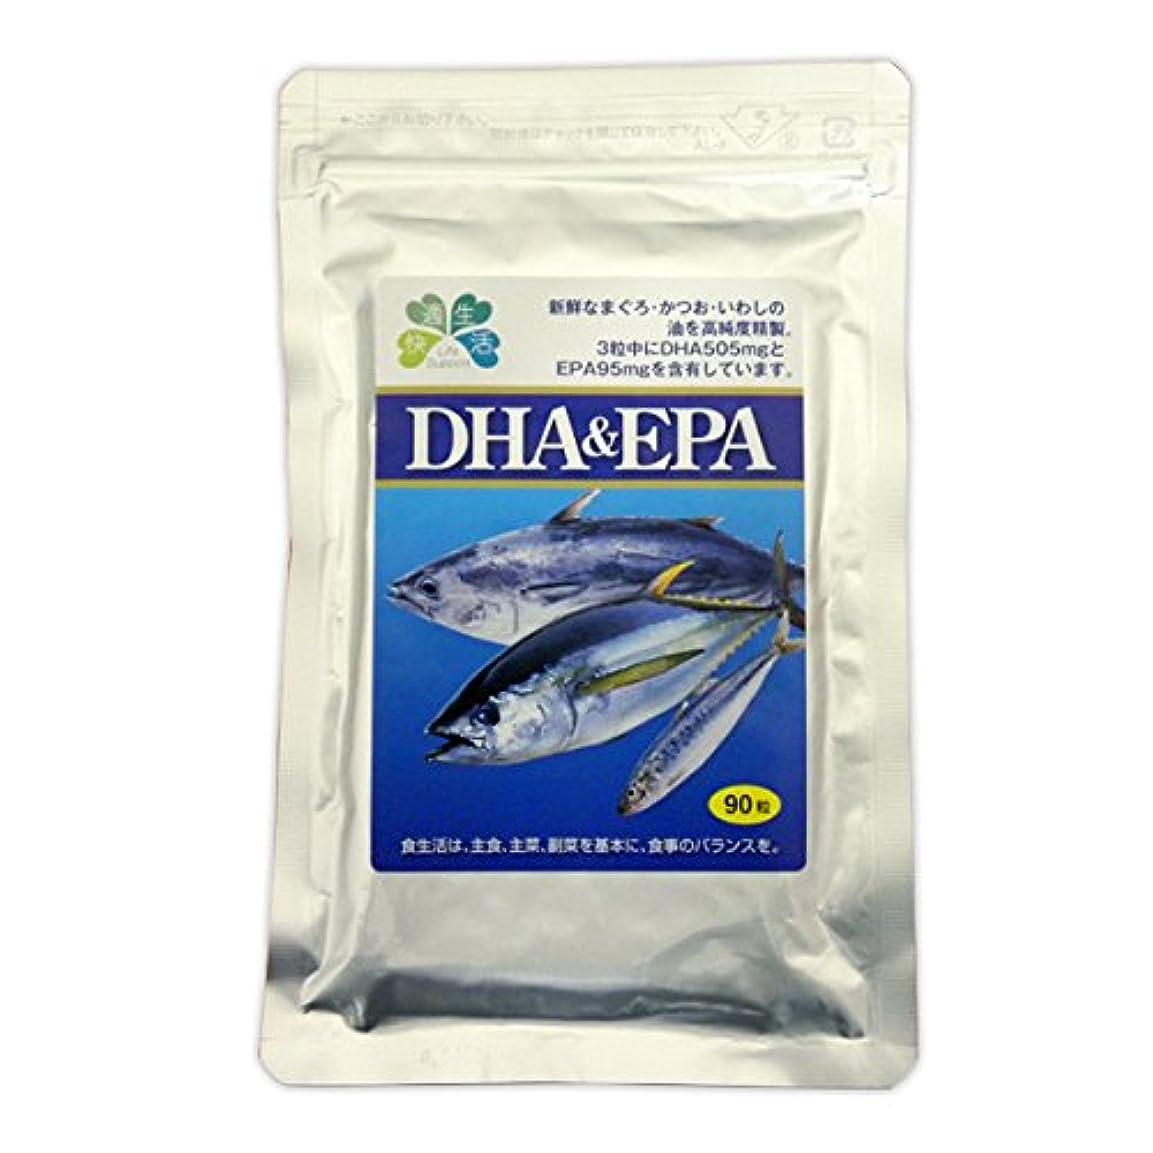 ブランド会うインスタンス快適生活 DHA&EPA 4袋